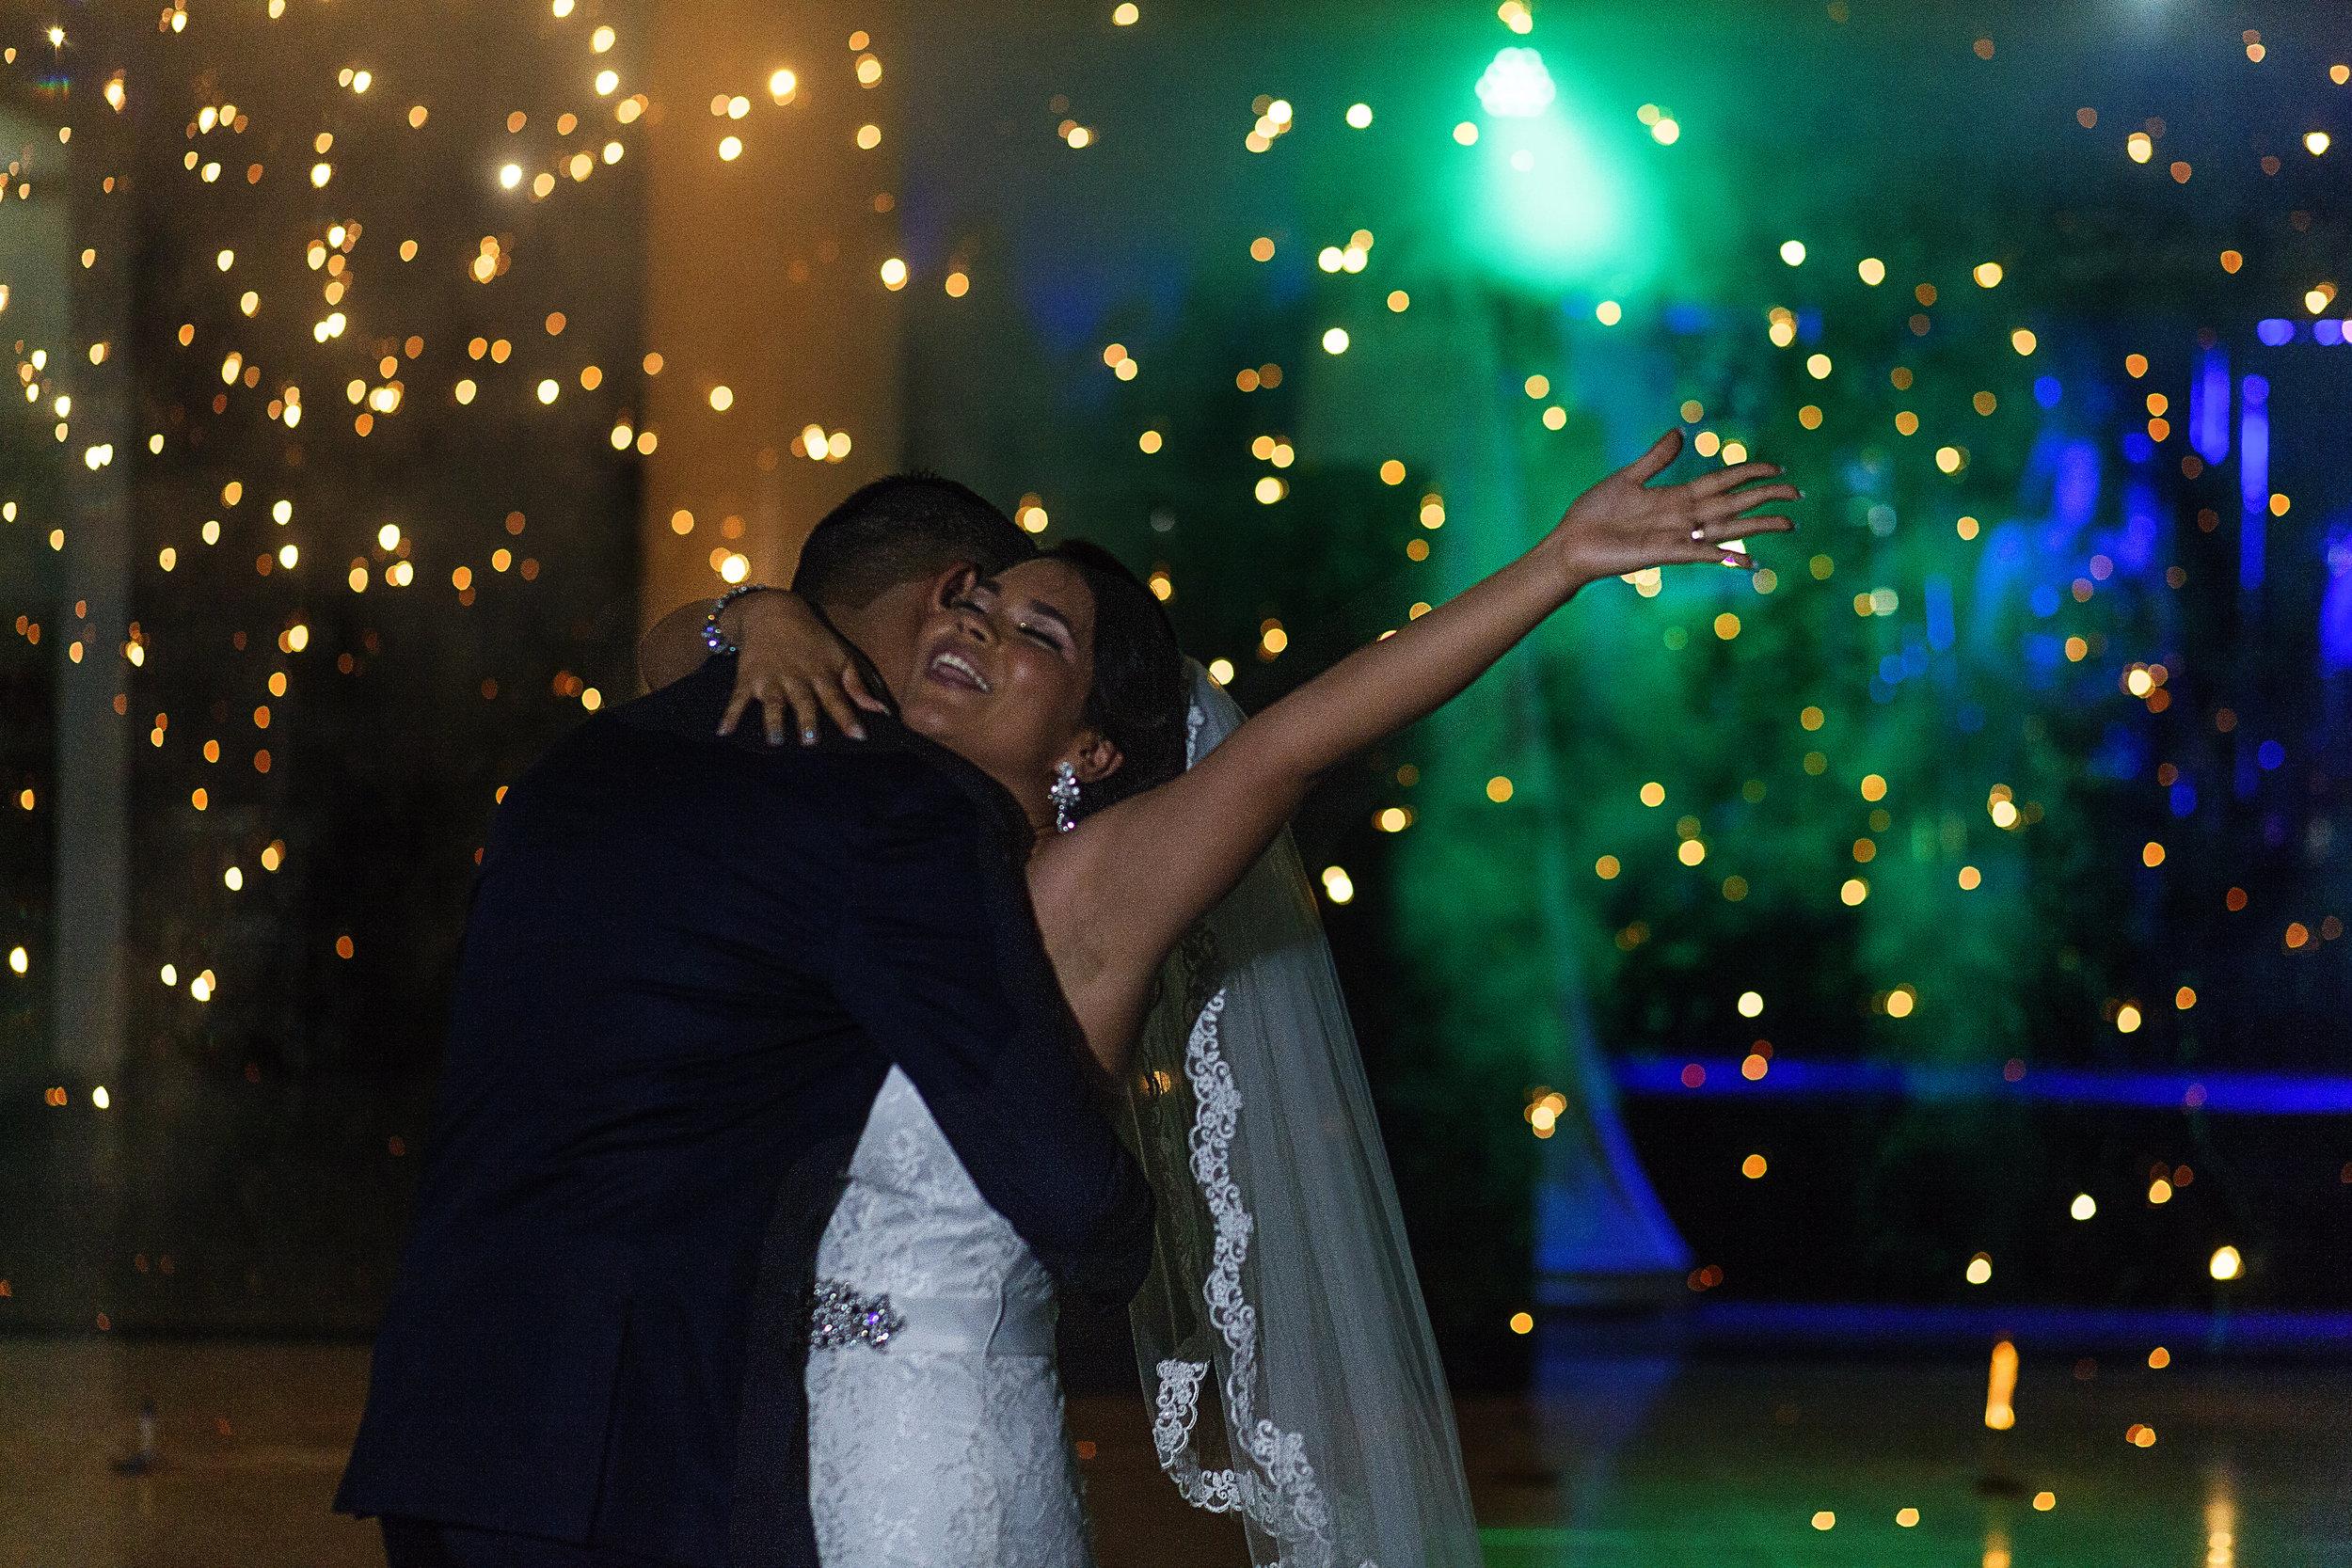 Novia sonríe y levanta su mano durante su primer baile como pareja casada, al fondo vemos el ultimo rastro de los chisperos